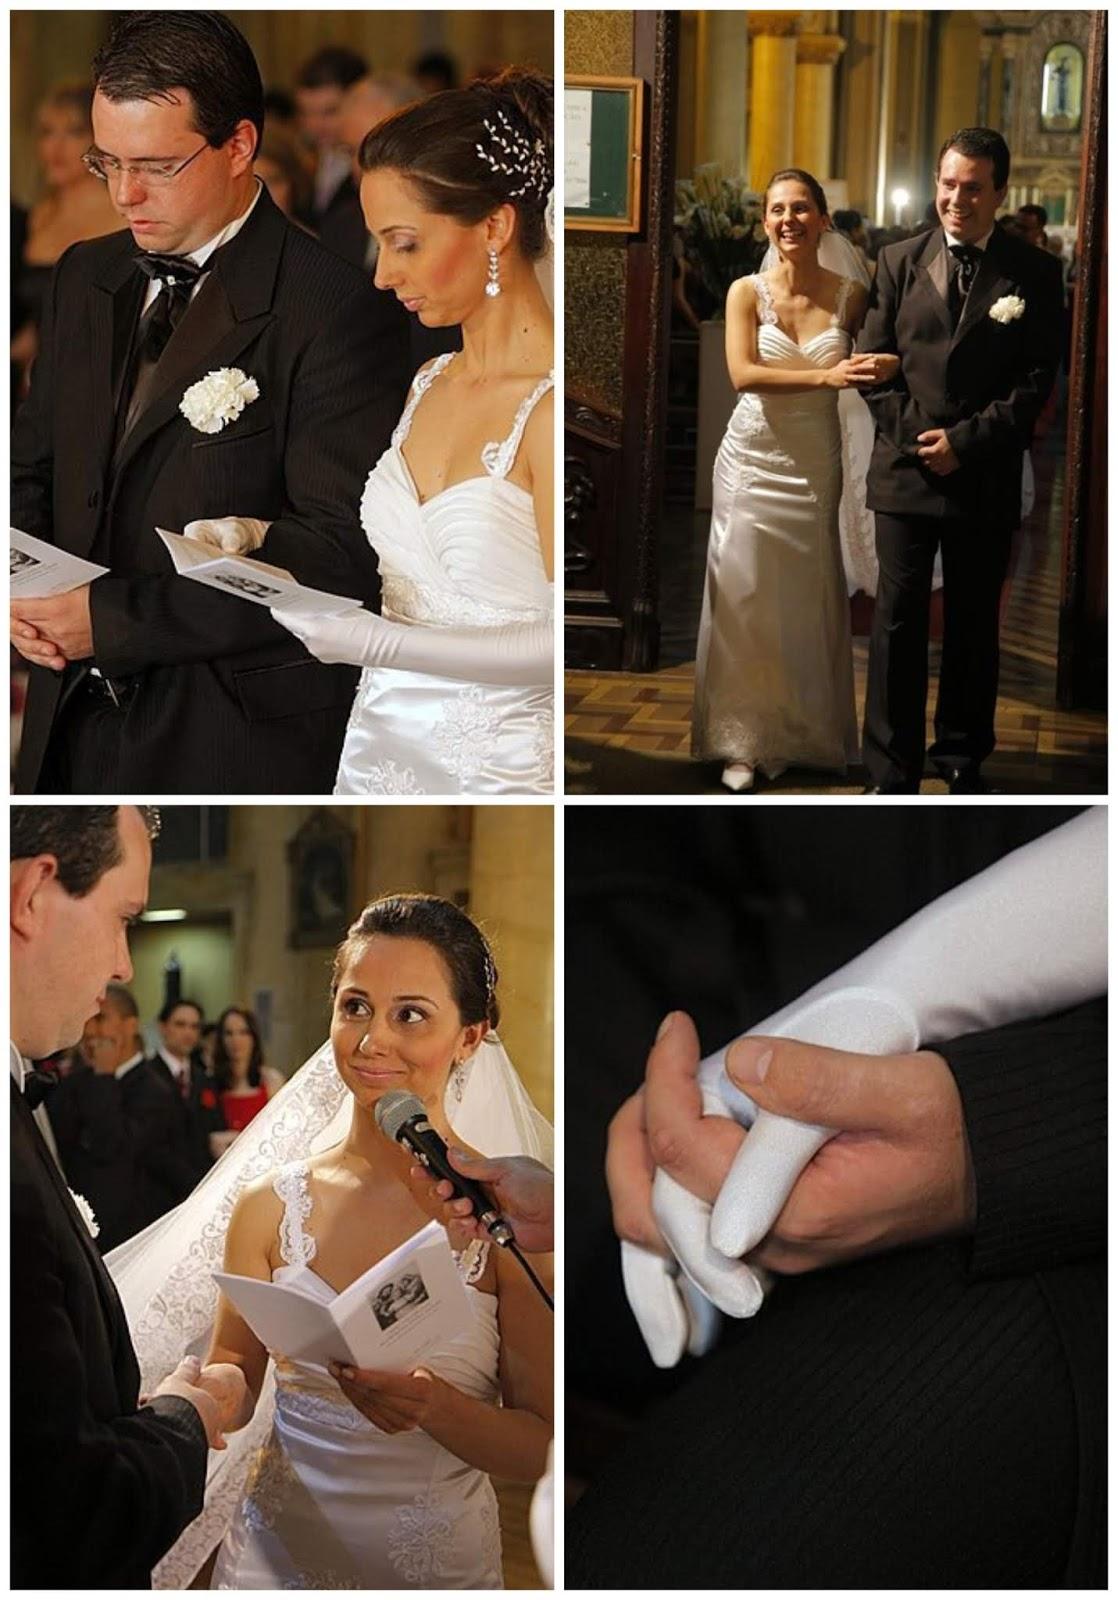 Os votos de matrimônio